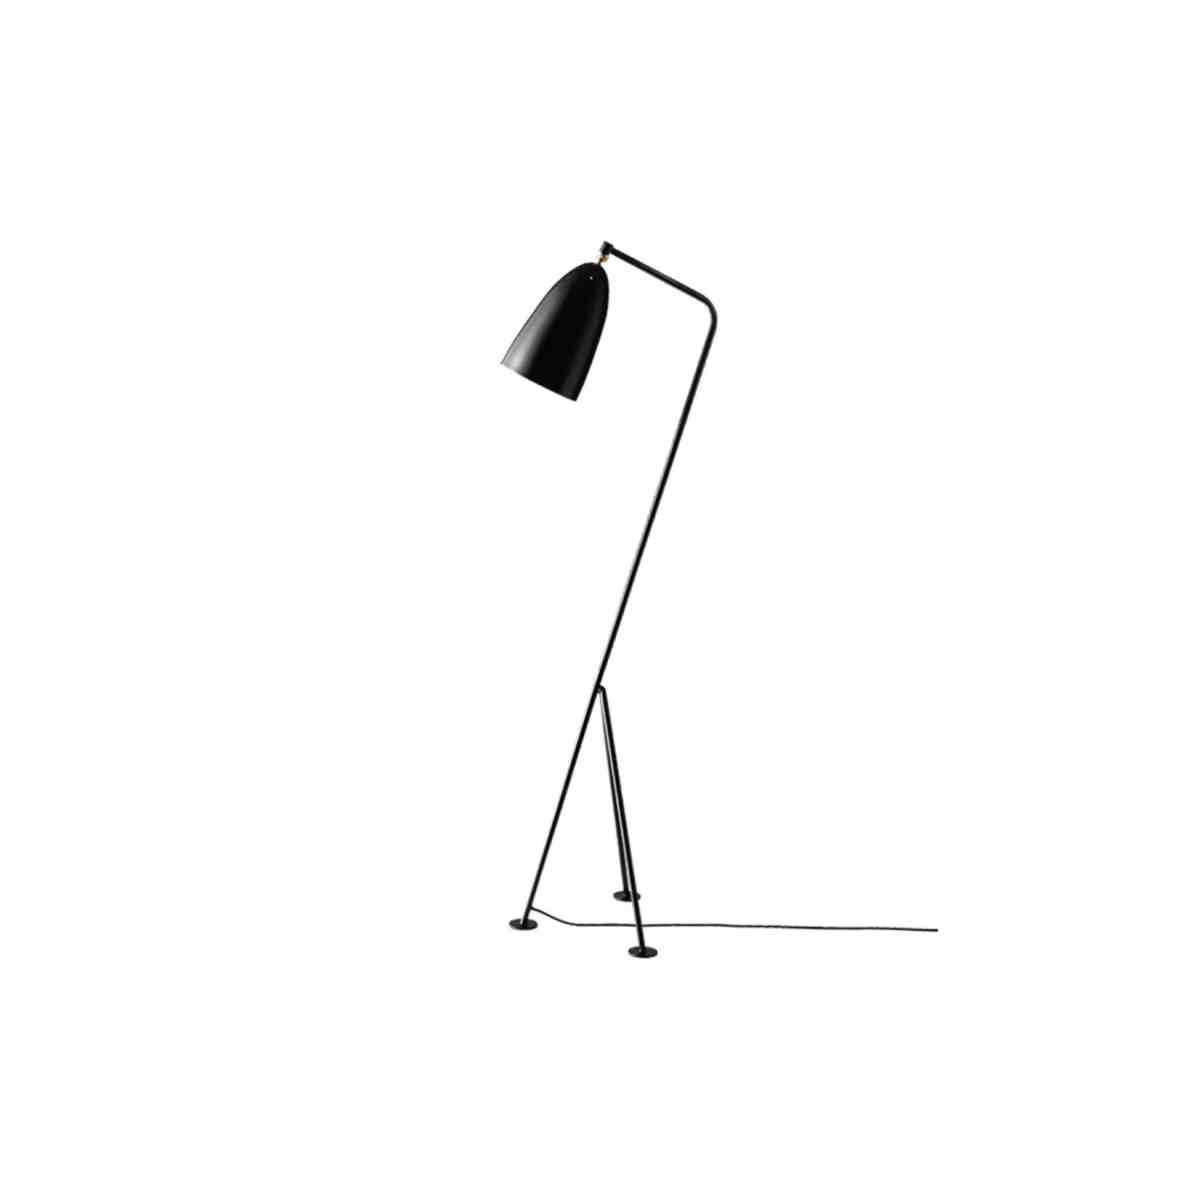 gubi-grashoppa-floor-lamp-jet-black-001